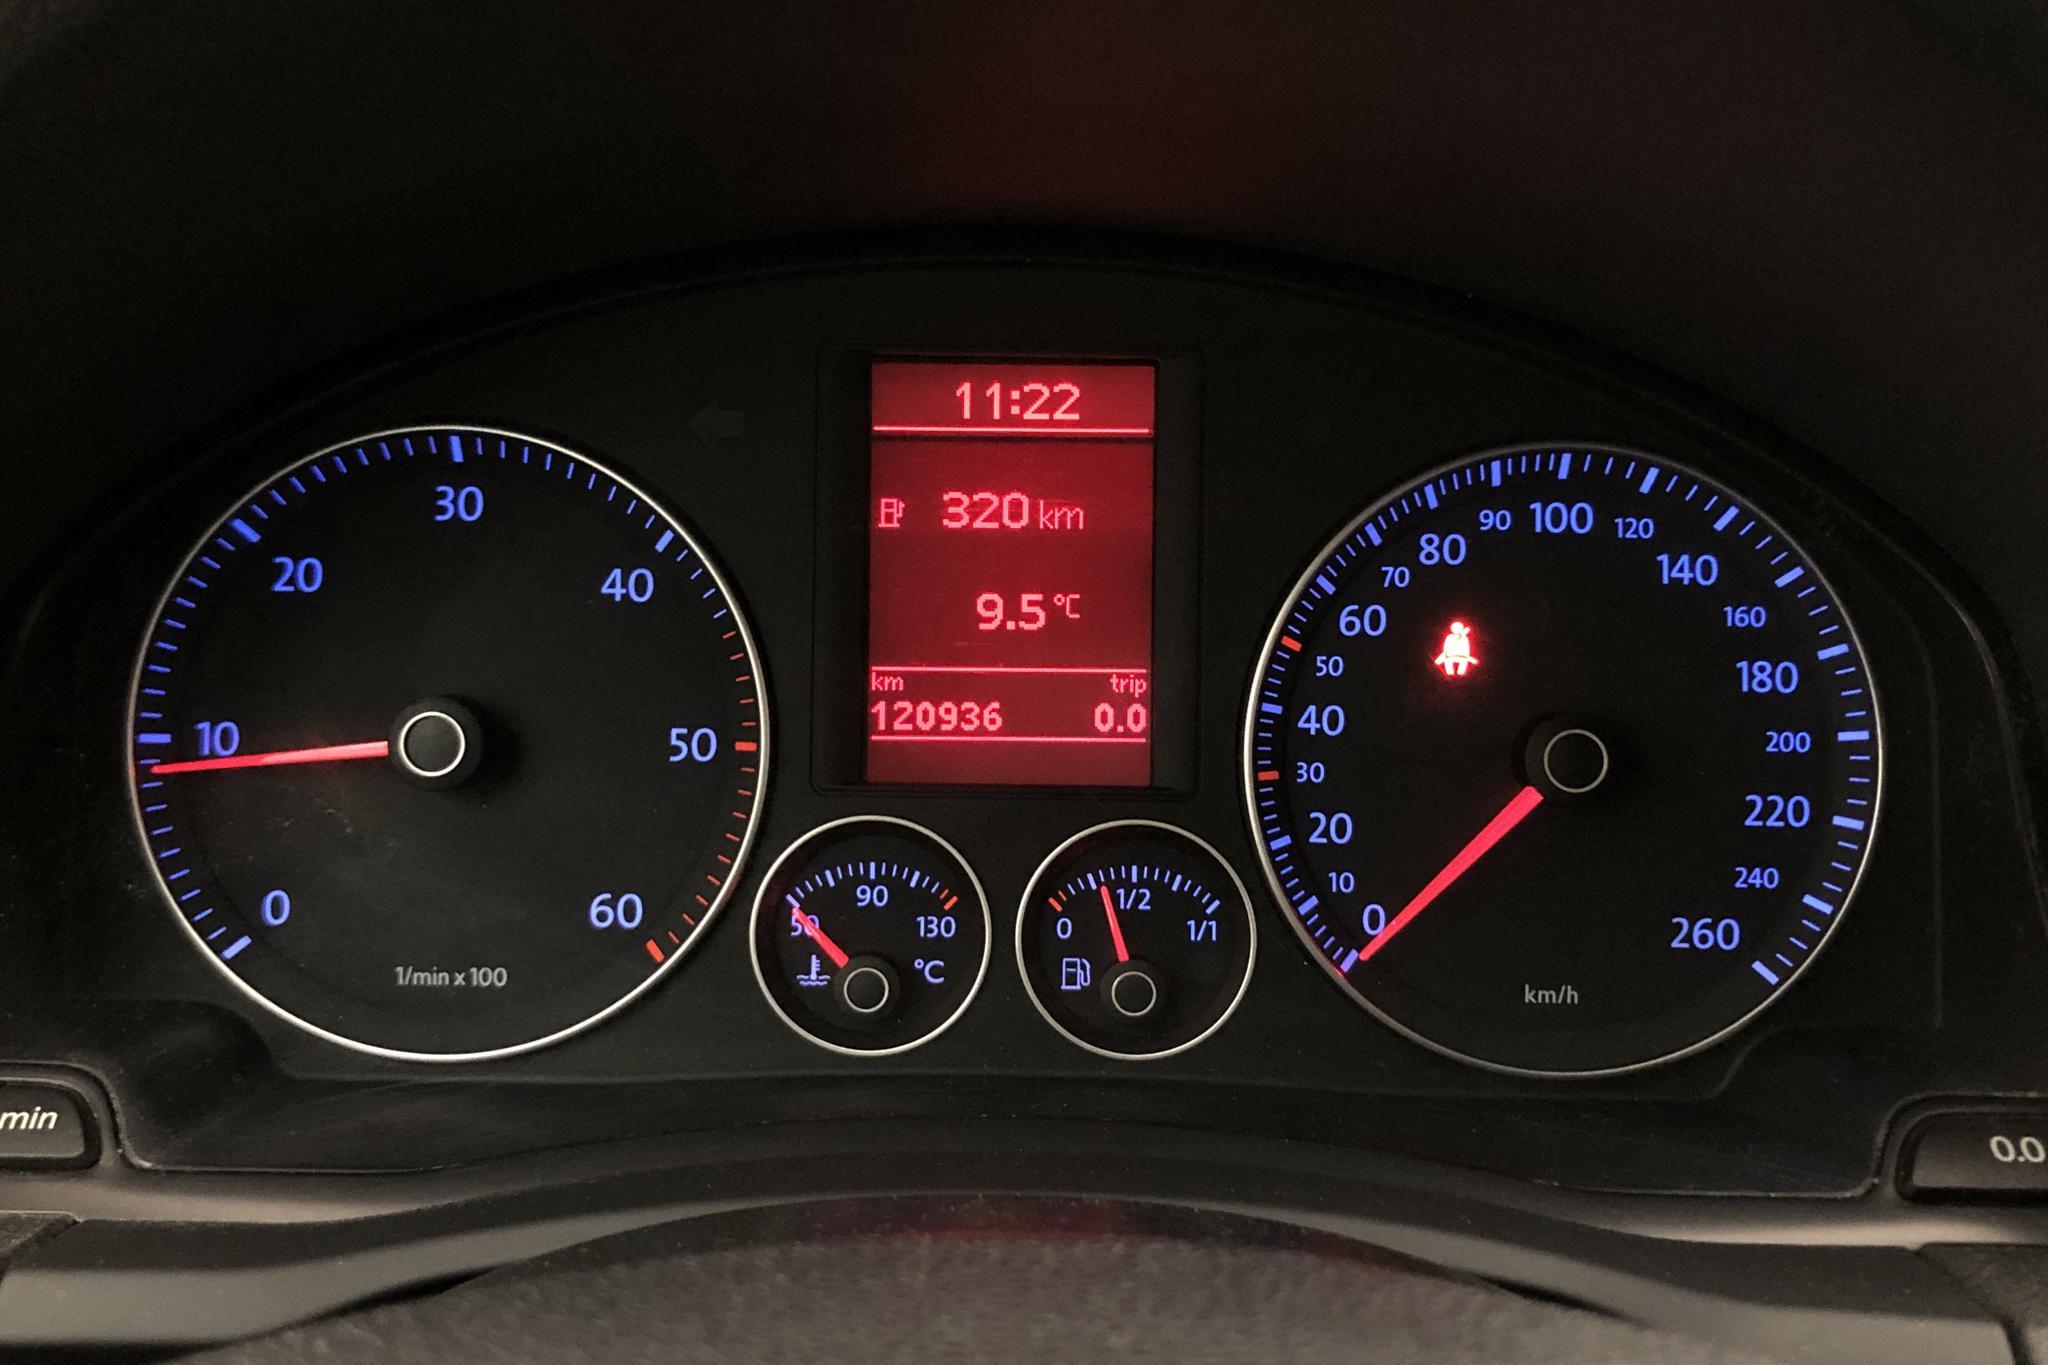 VW Golf A5 1.9 TDI BlueMotion 5dr (105hk) - 12 200 mil - Manuell - vit - 2009